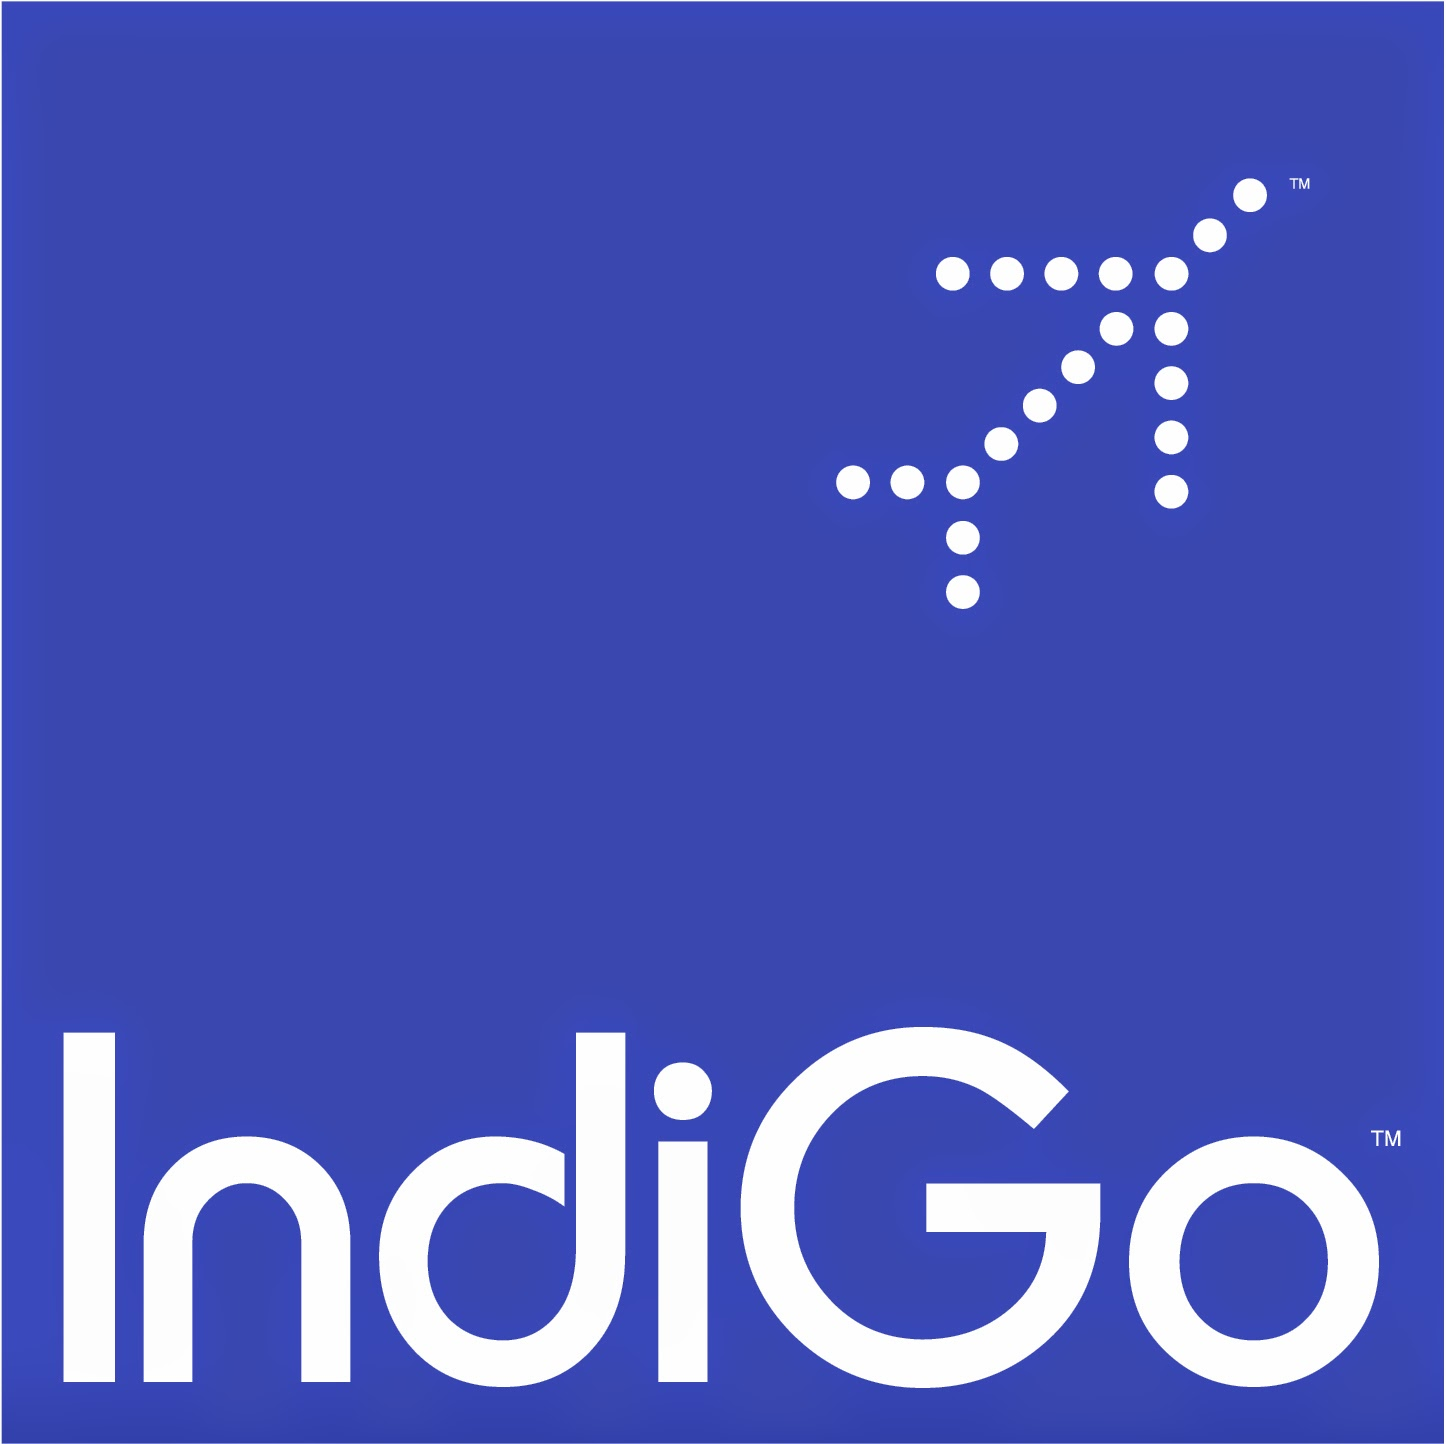 Indigo Airline Swot analysis